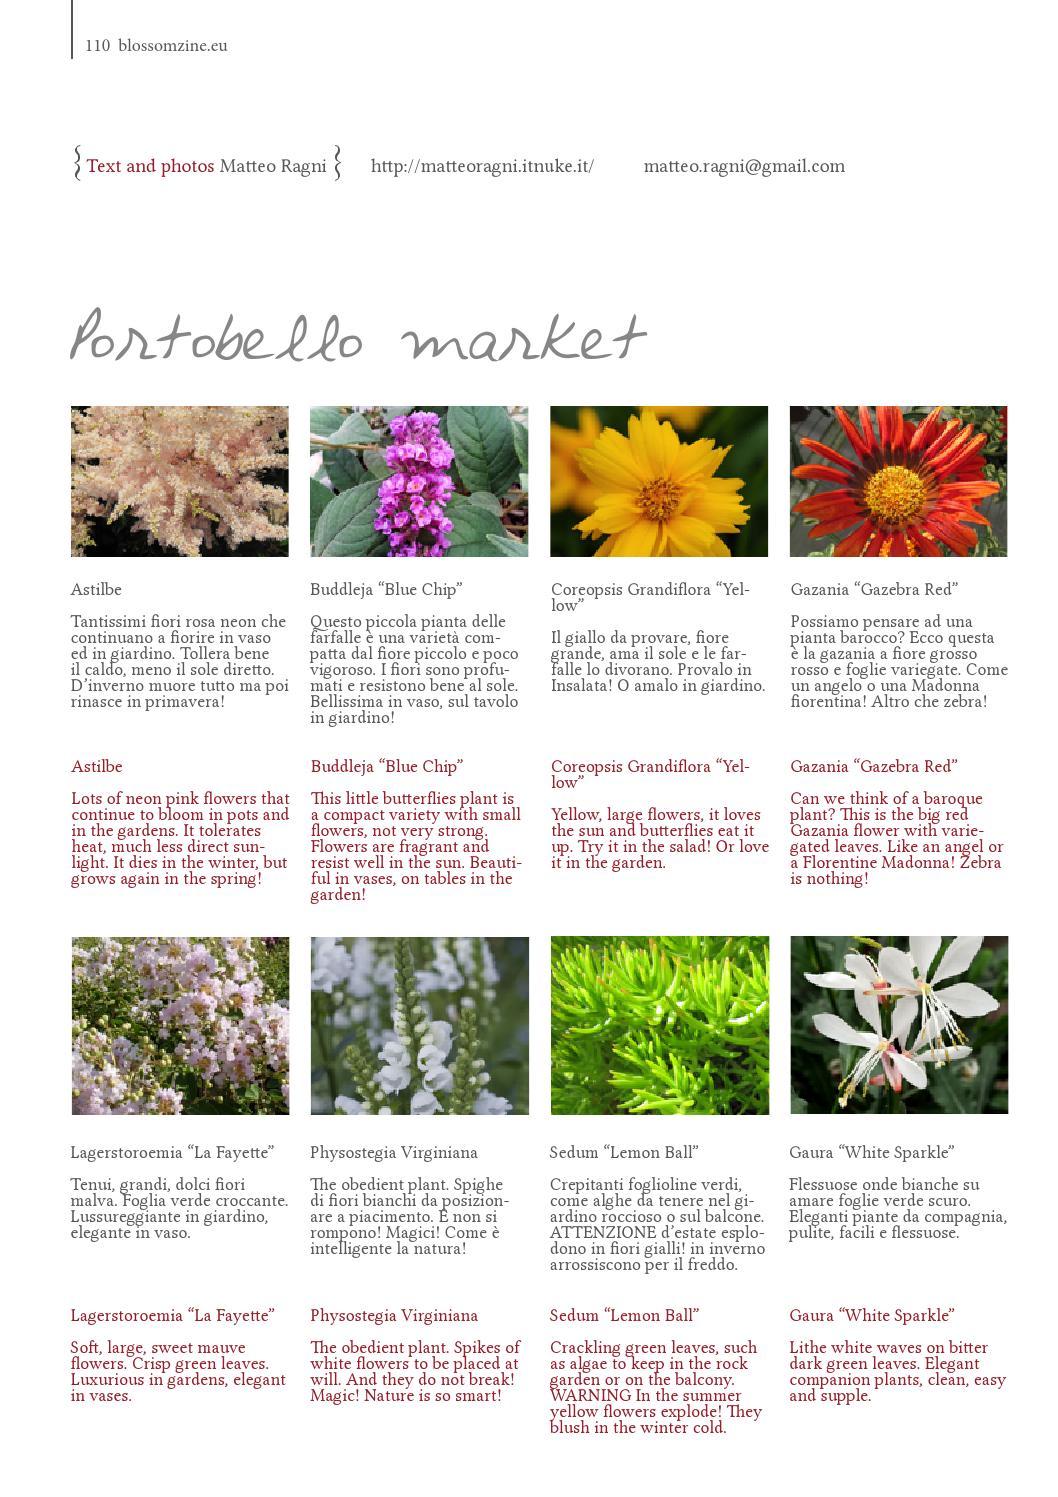 Fiori Da Giardino Roccioso n6 autumn 2014 blossom zine by blossom zine rivista di fiori